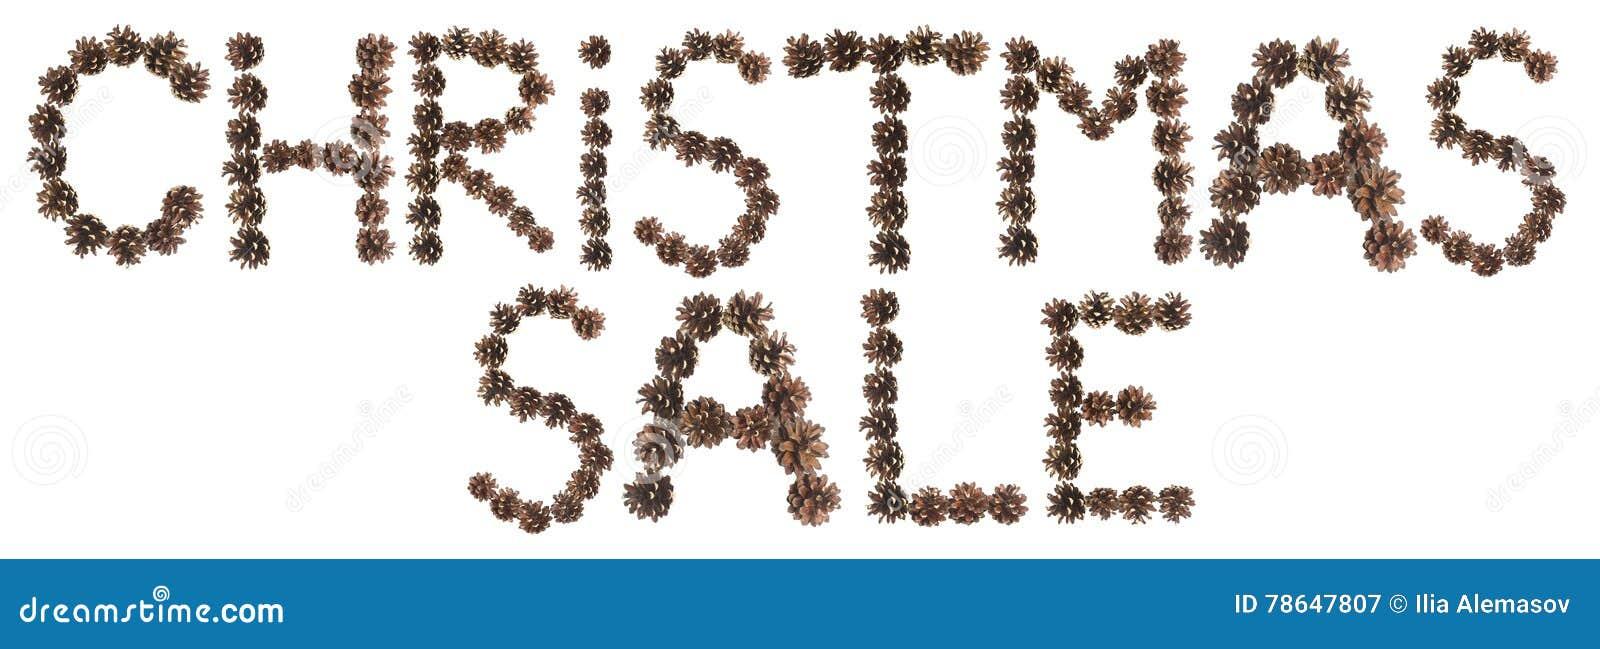 圣诞节销售词组由杉木锥体制成